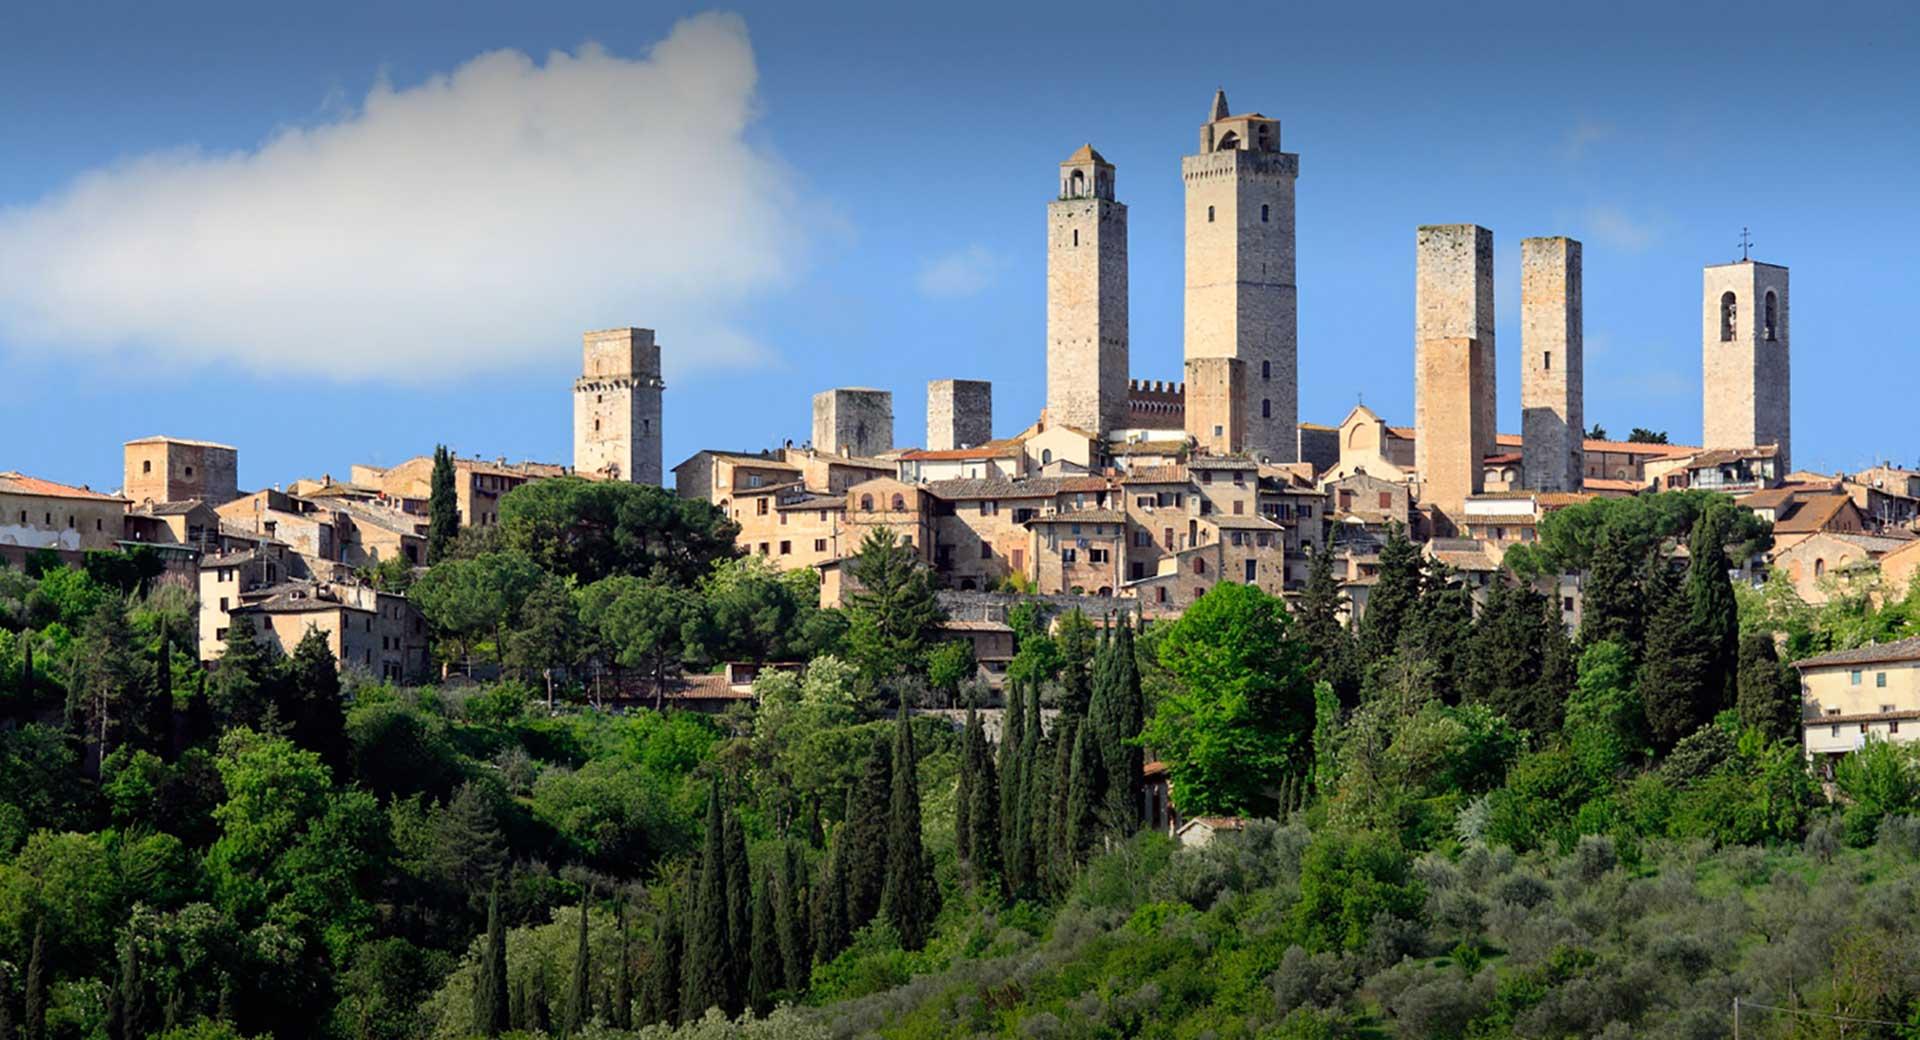 San-Gimignano_1920x1040